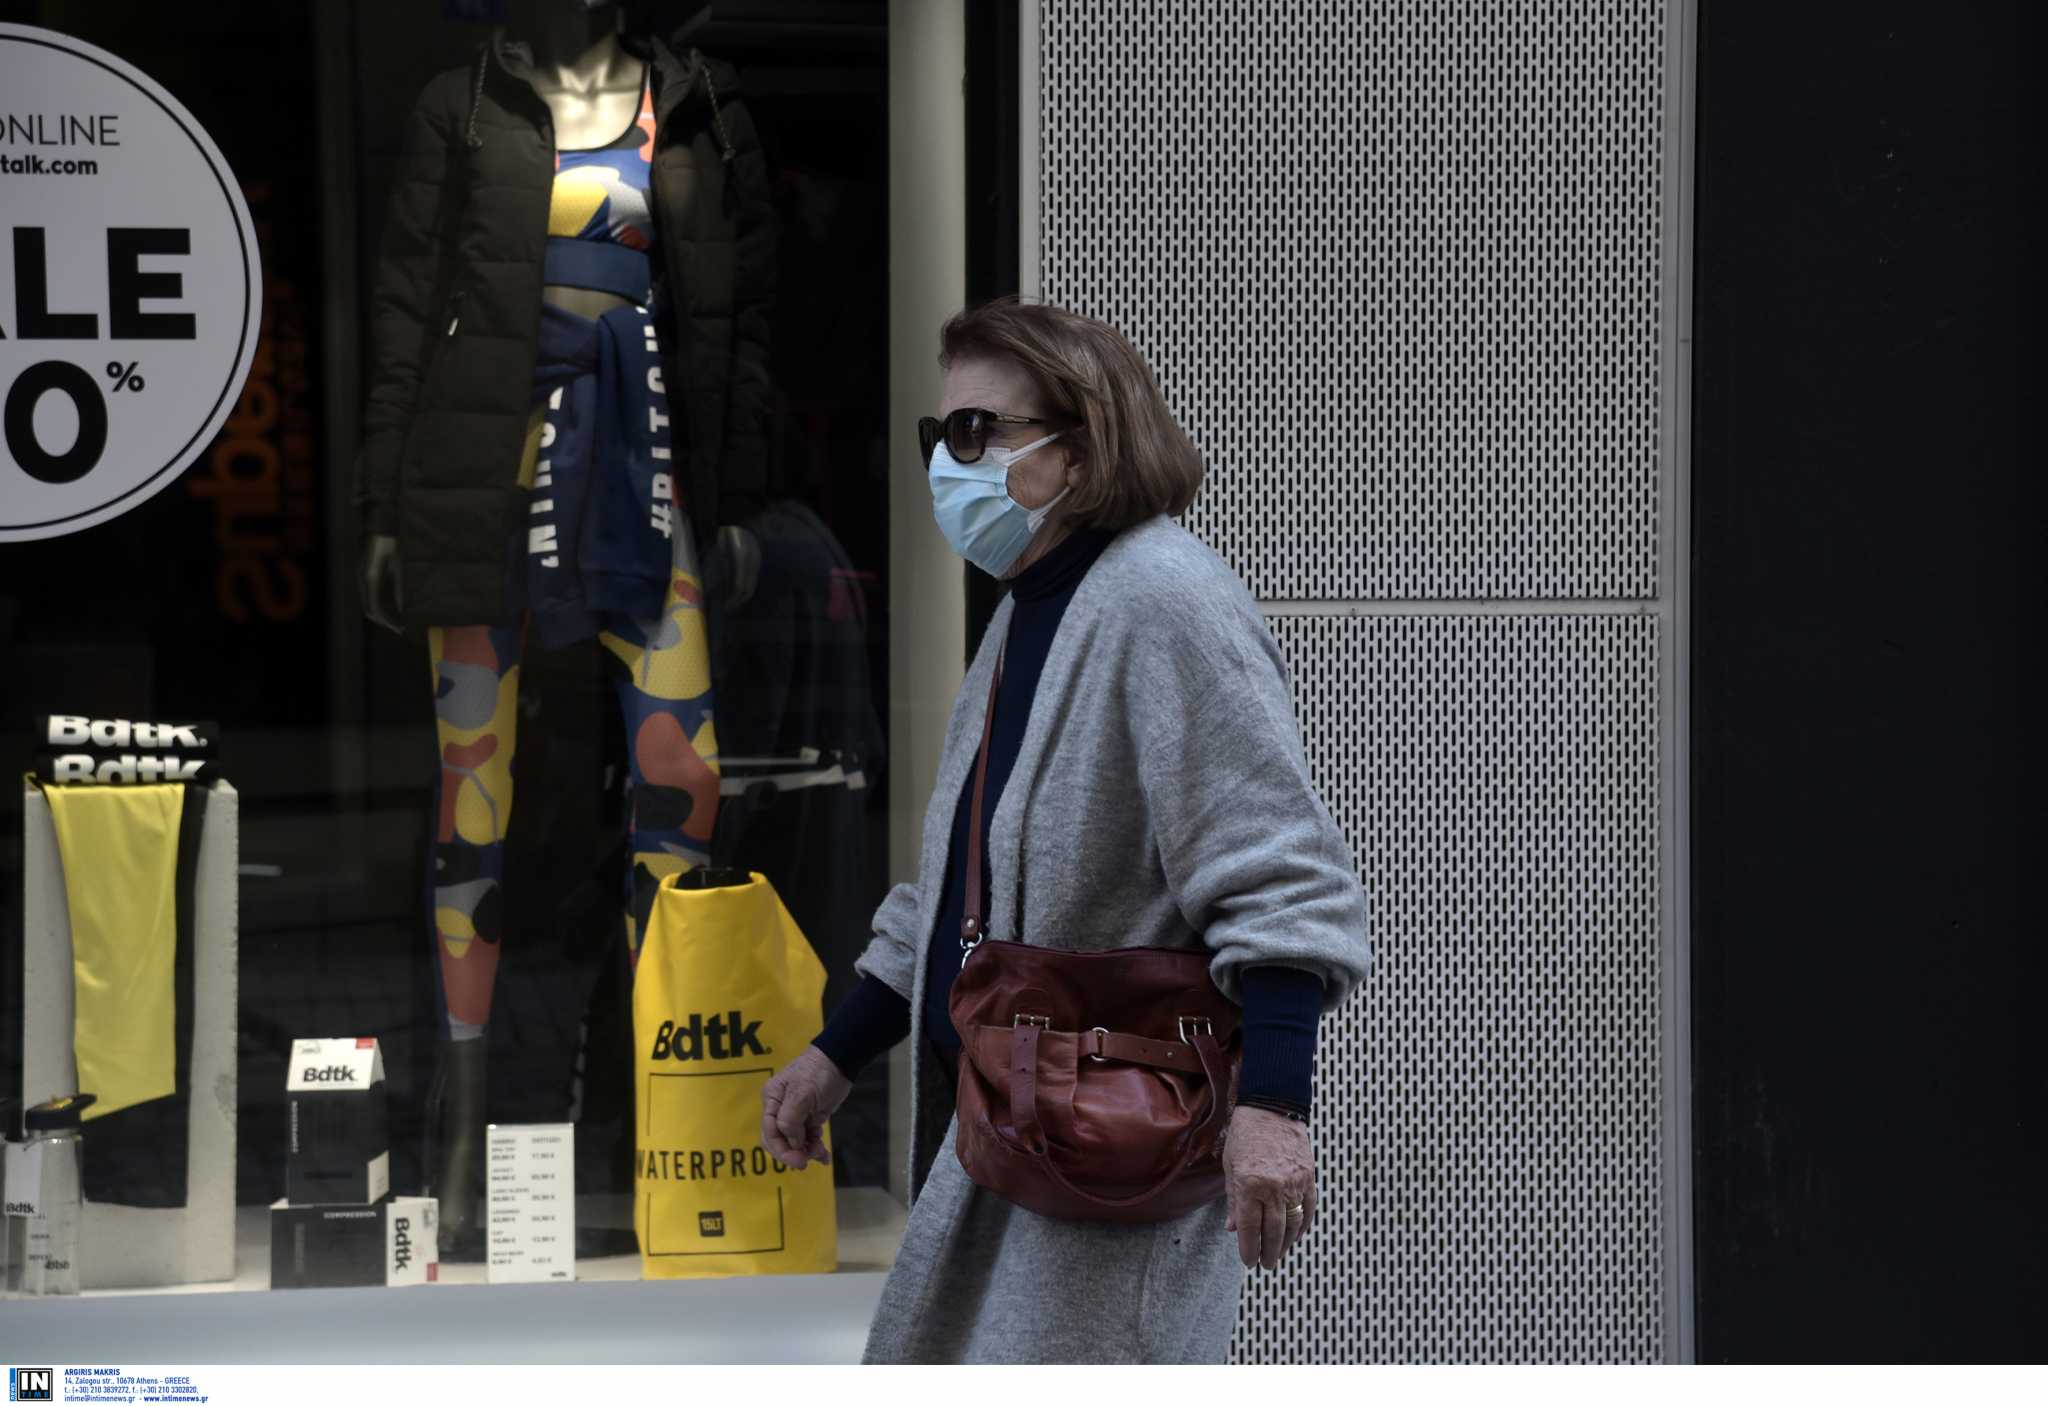 Ένδυση-Κλωστοϋφαντουργία: Οι παραγγελίες για «μάσκες» κατά του κορονοϊού συγκράτησαν την πτώση των πωλήσεων